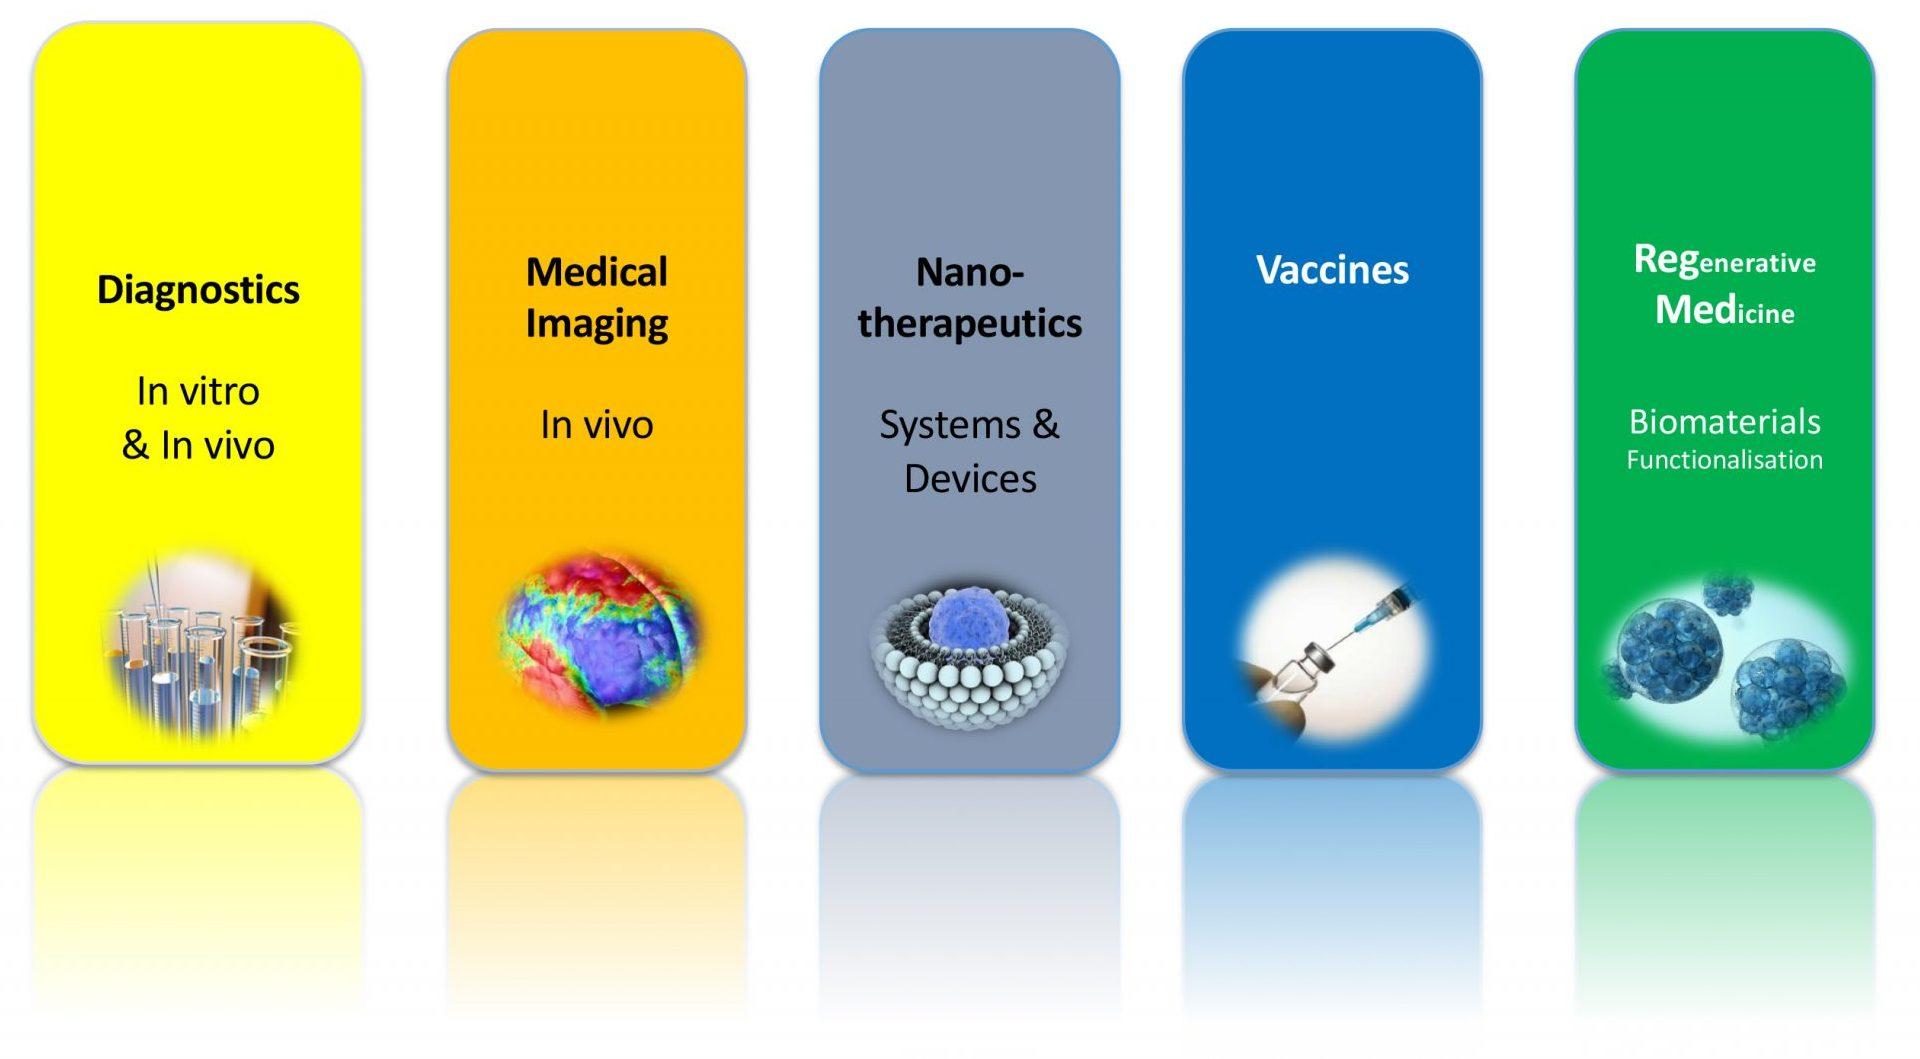 https://etp-nanomedicine.eu/wp-content/uploads/2018/10/Applications-Nanomedicines-e1538480274664.jpg